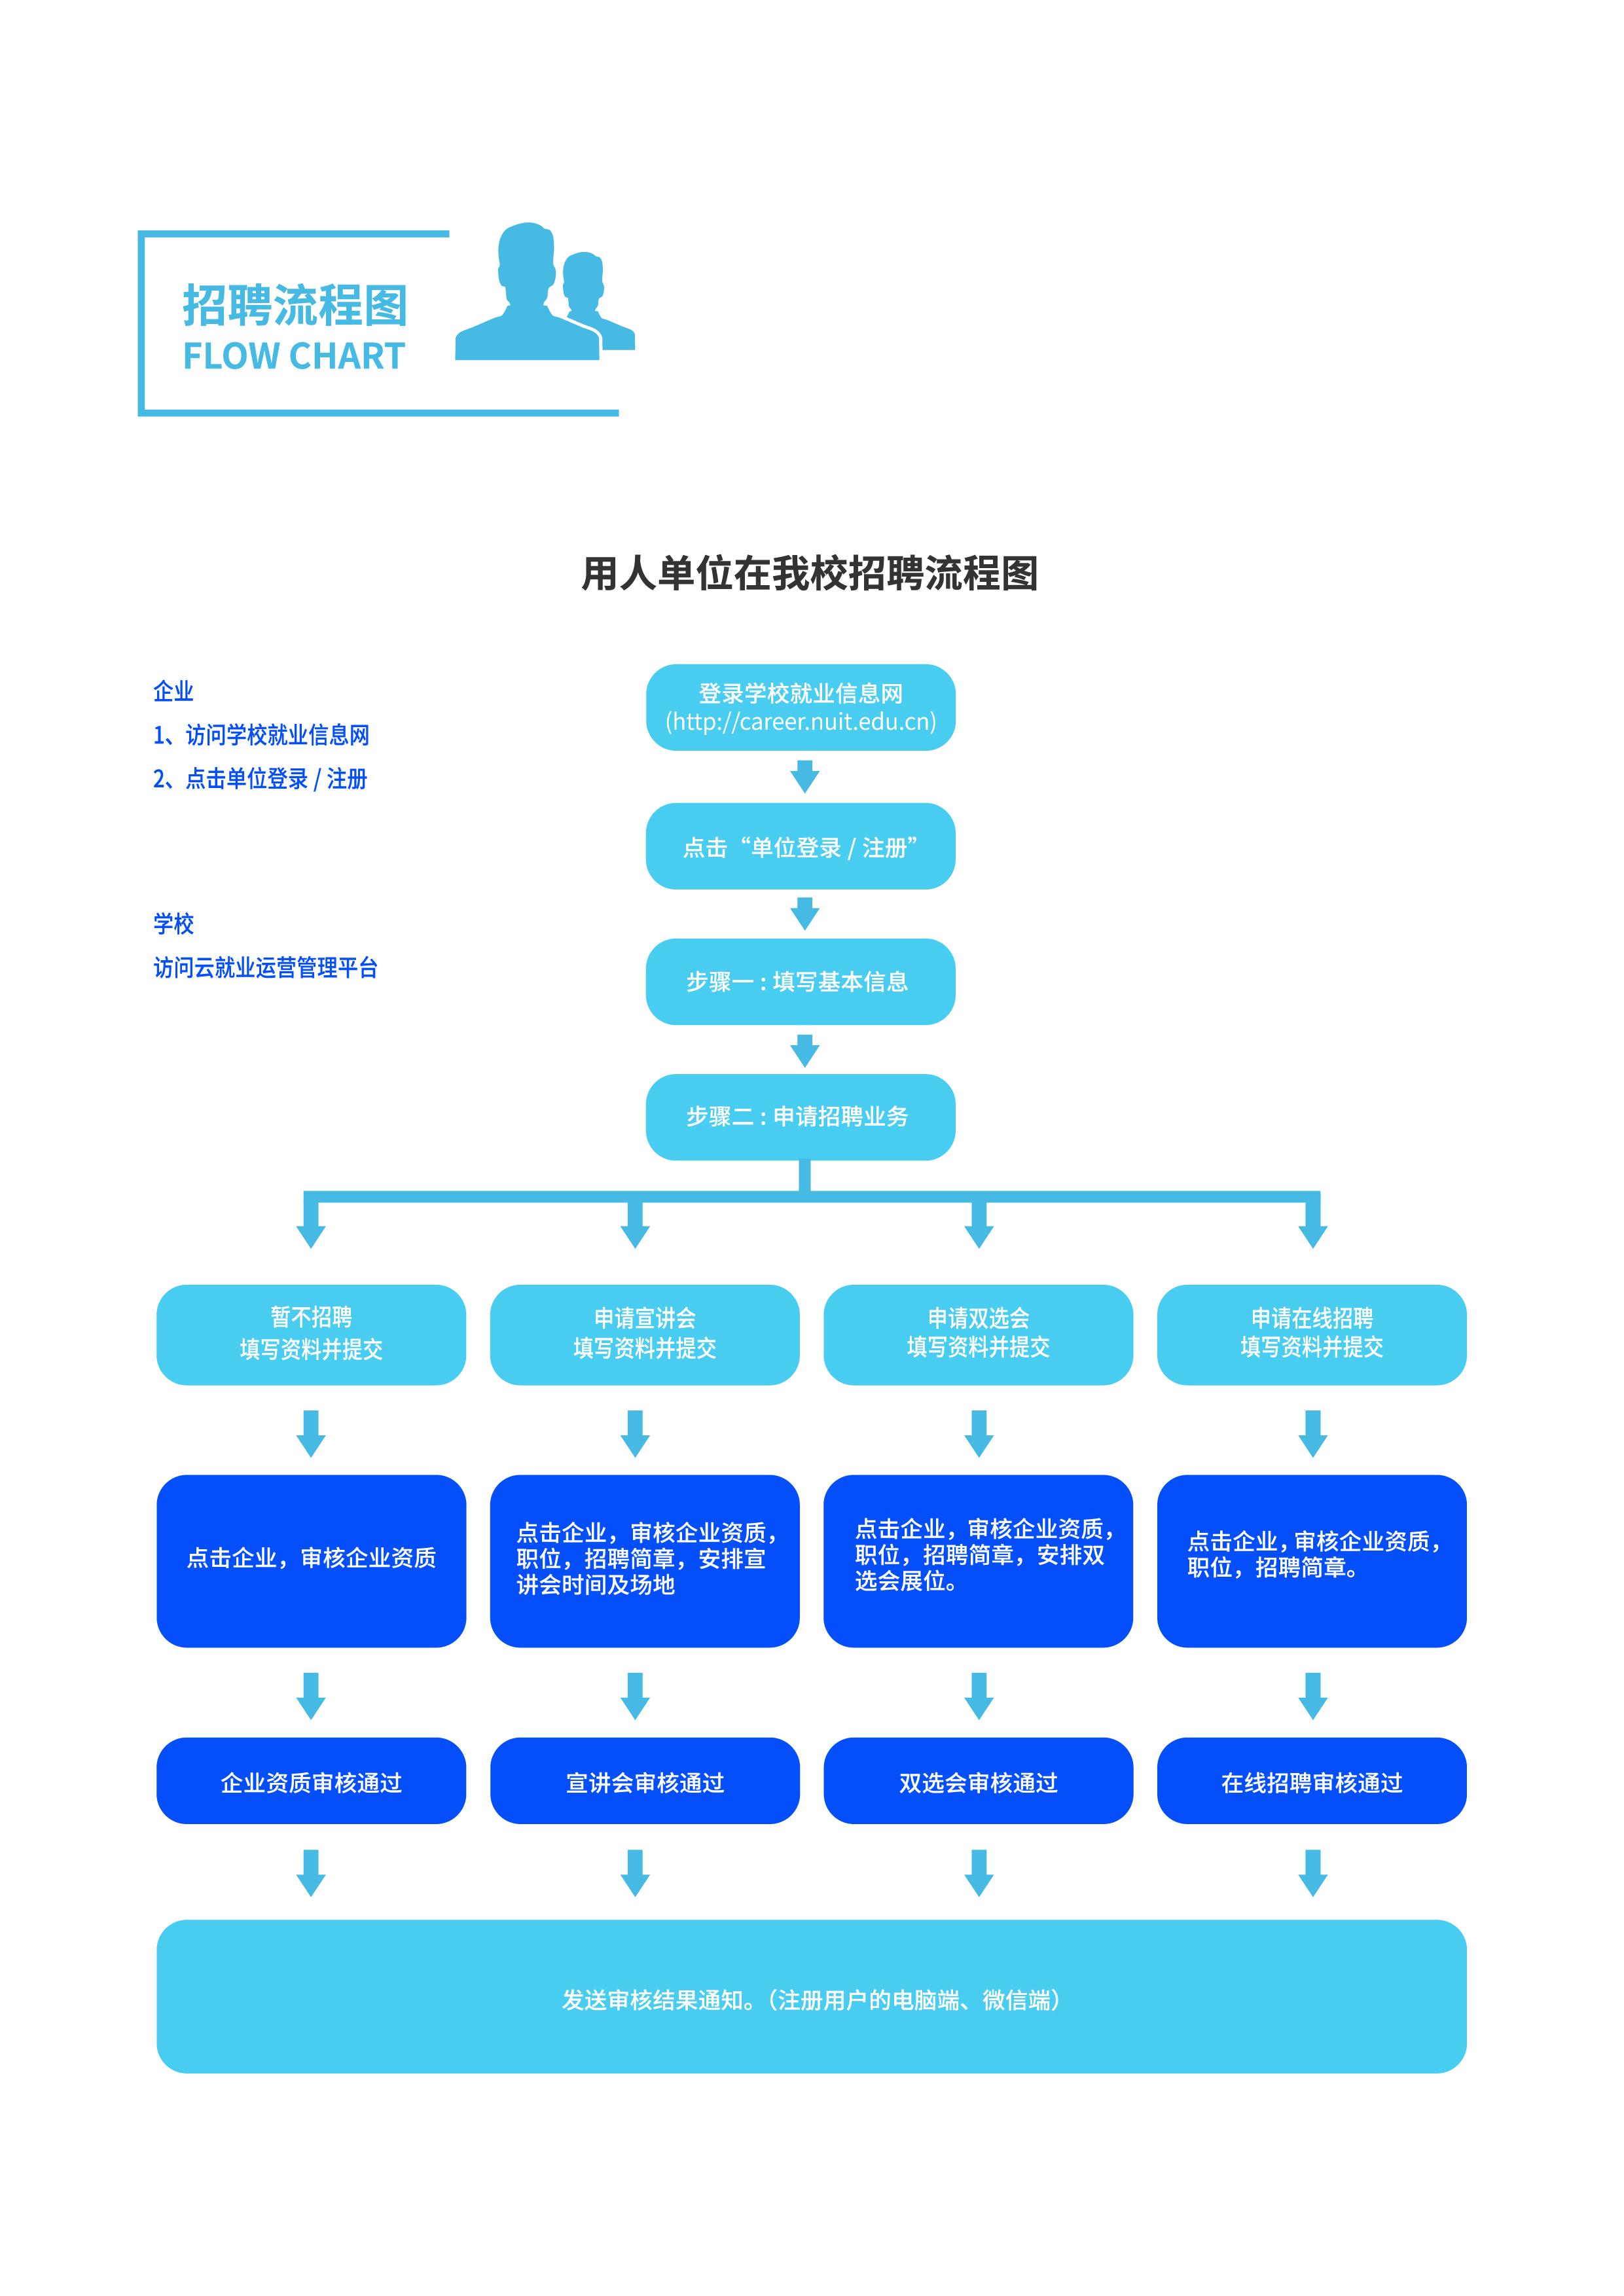 毕业生推荐就业手册-A4-01.jpg